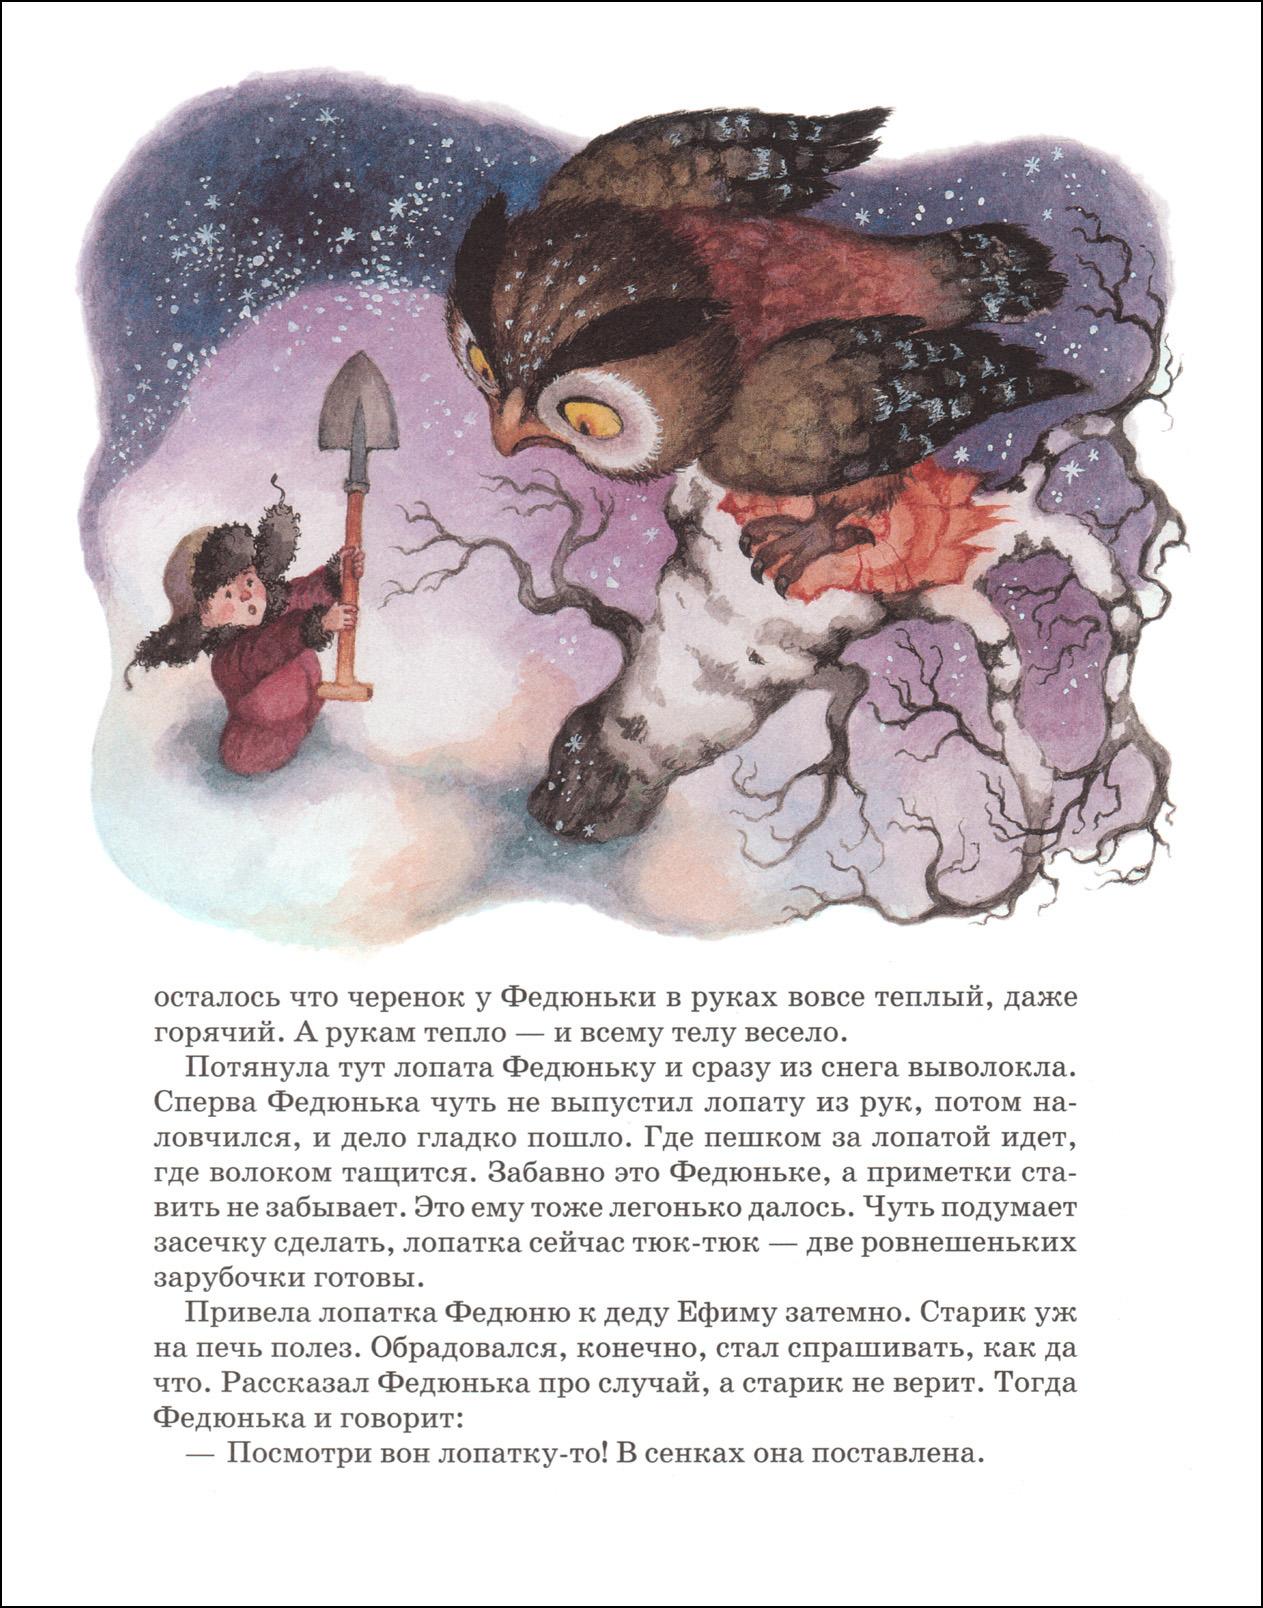 Серебряное копытце, Ольга Ионайтис,